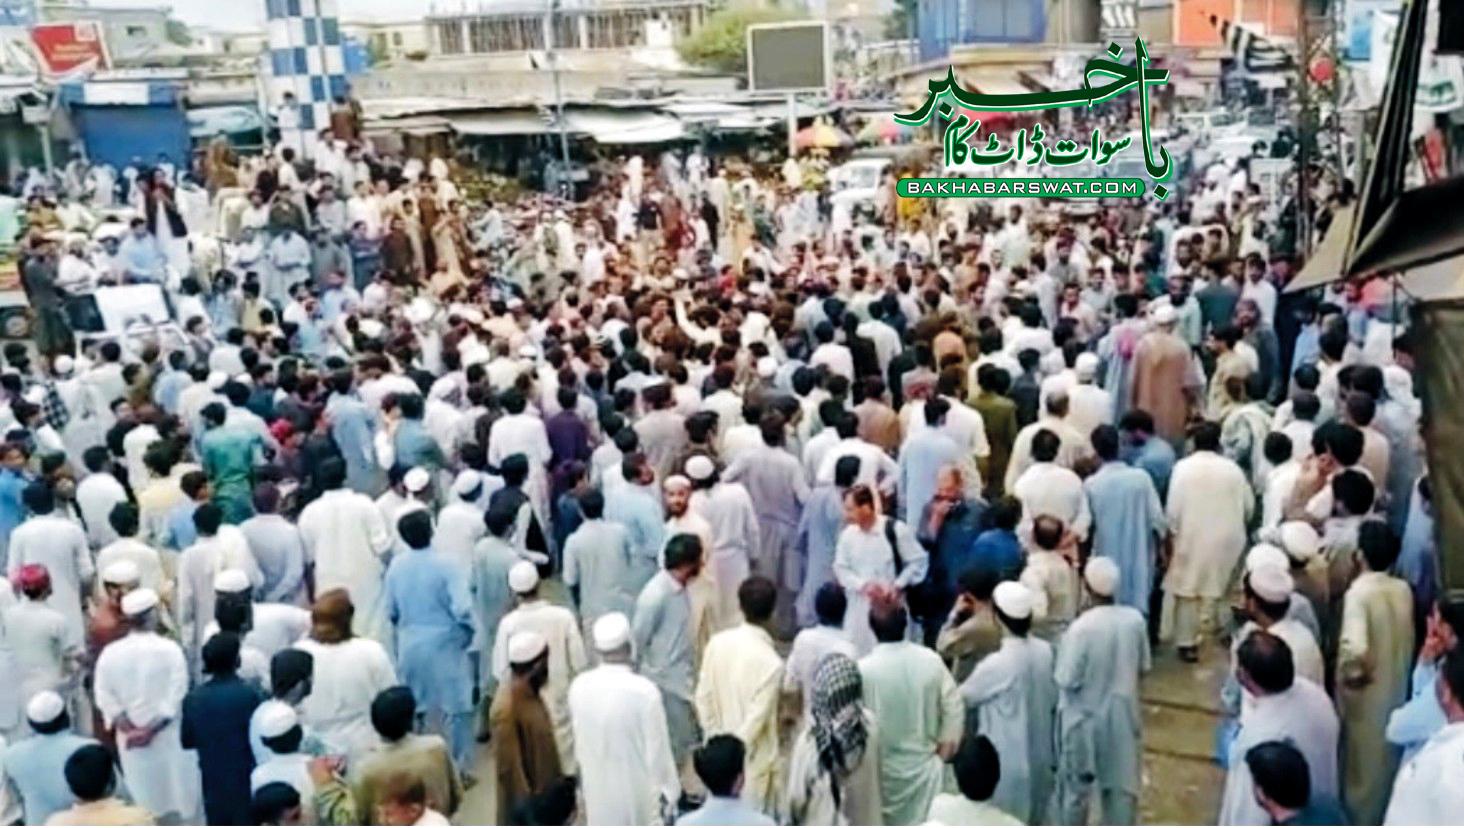 مٹہ، لوڈ شیڈنگ اور کم وولٹیج سے تنگ عوام سراپا احتجاج، کالام روڈ بند